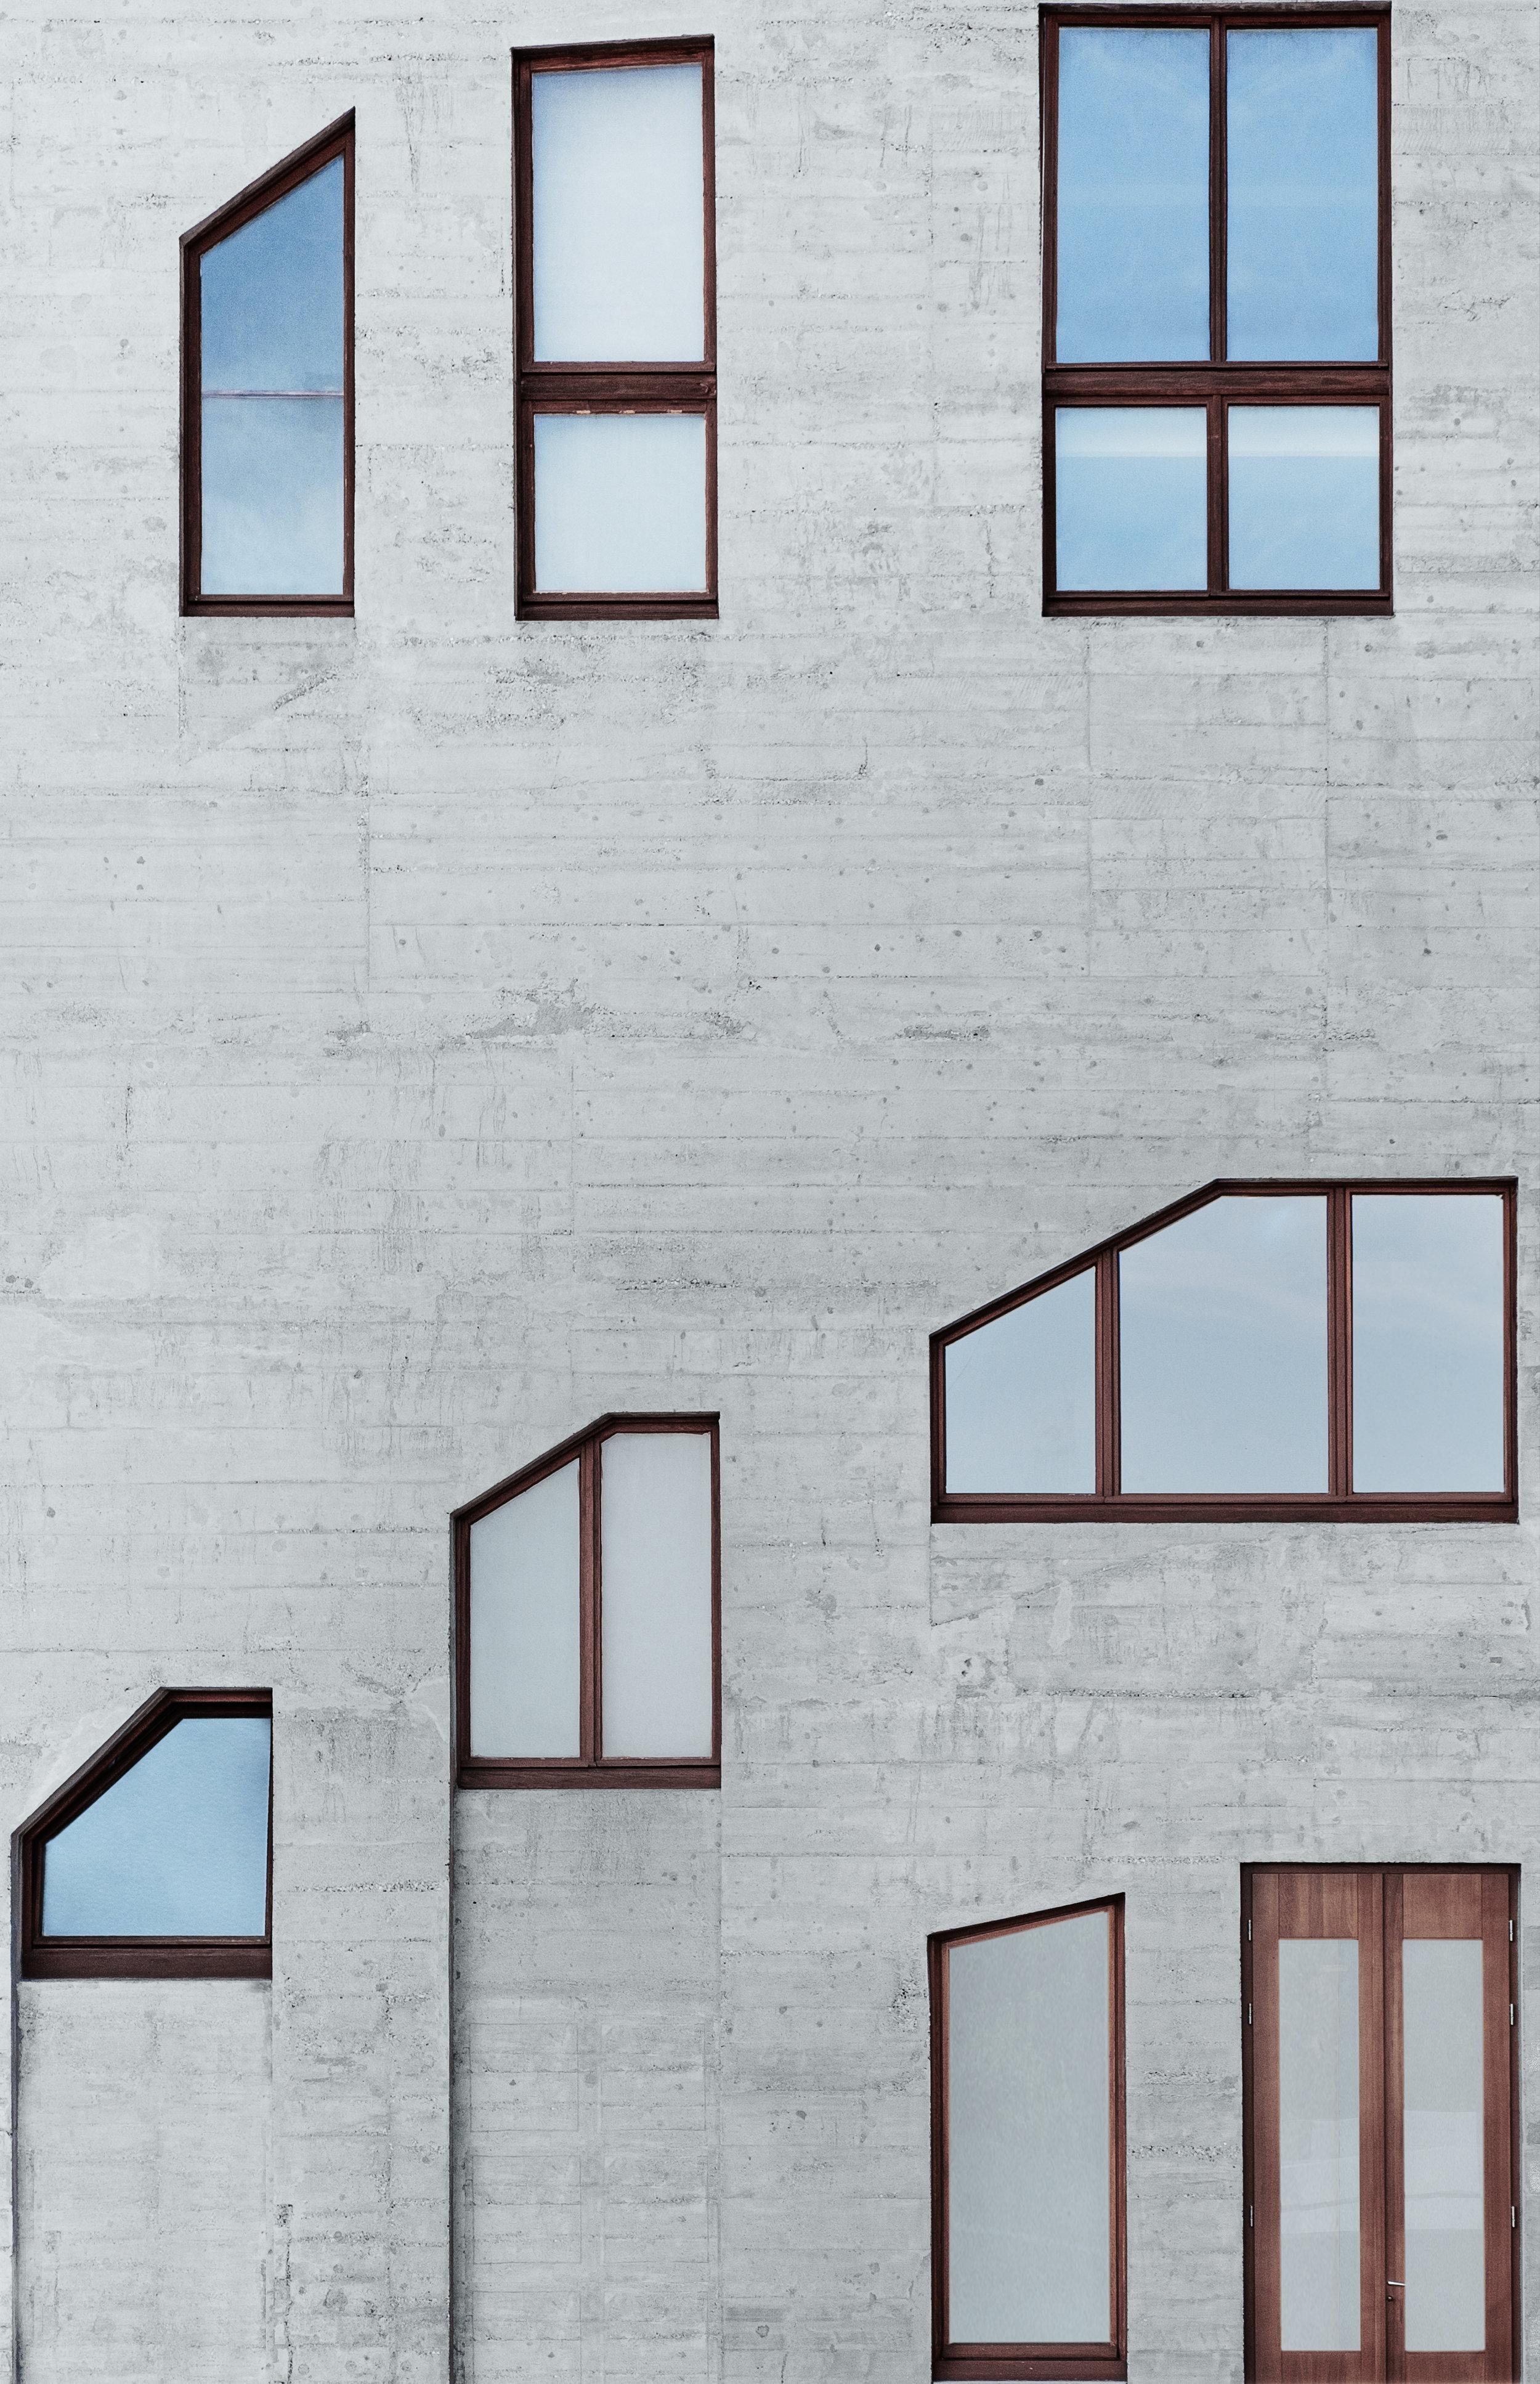 Goetheanum_2019_MTD_577-Edit.jpg